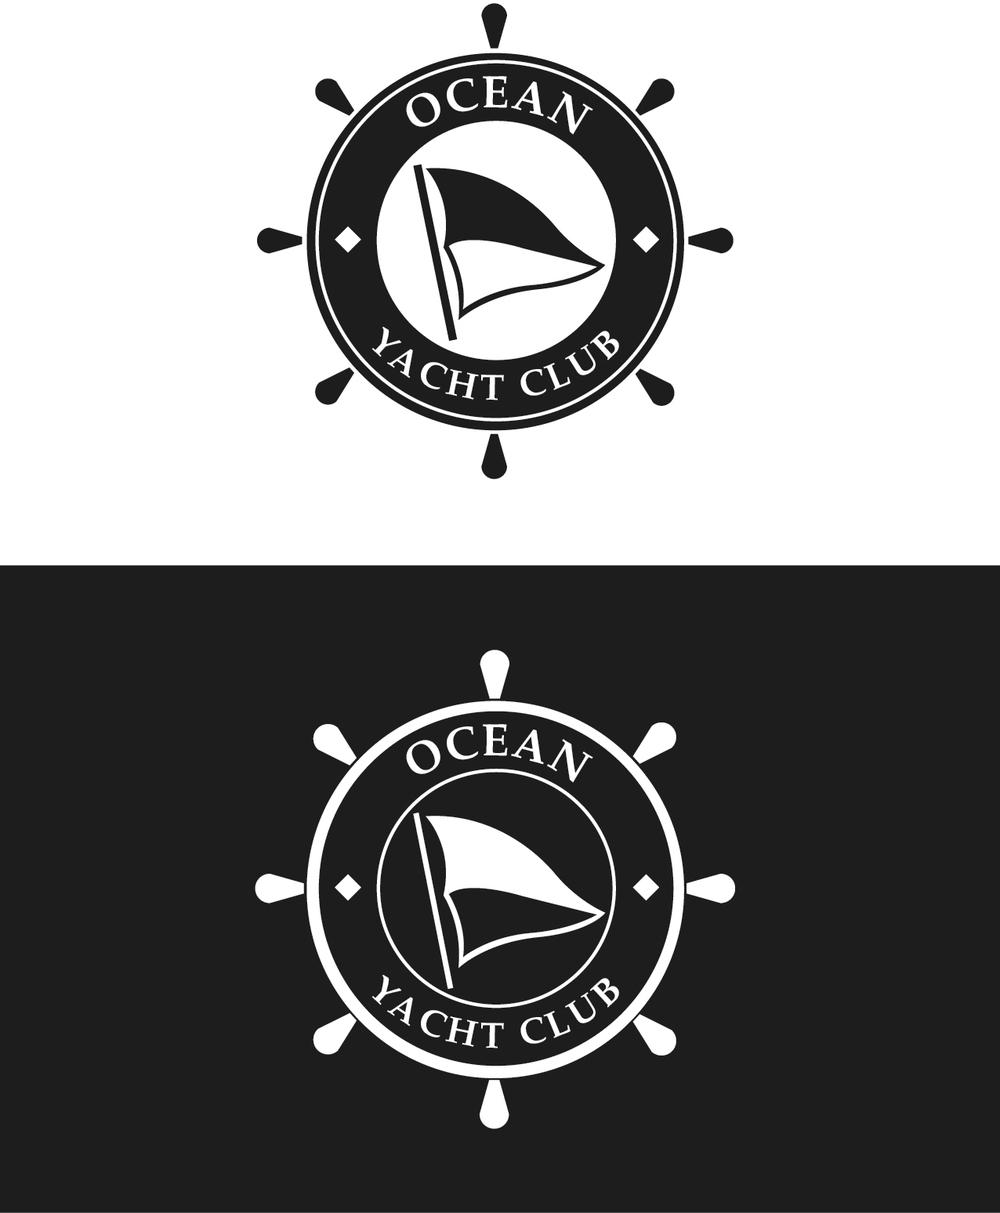 OYC_logo_B&W.jpg